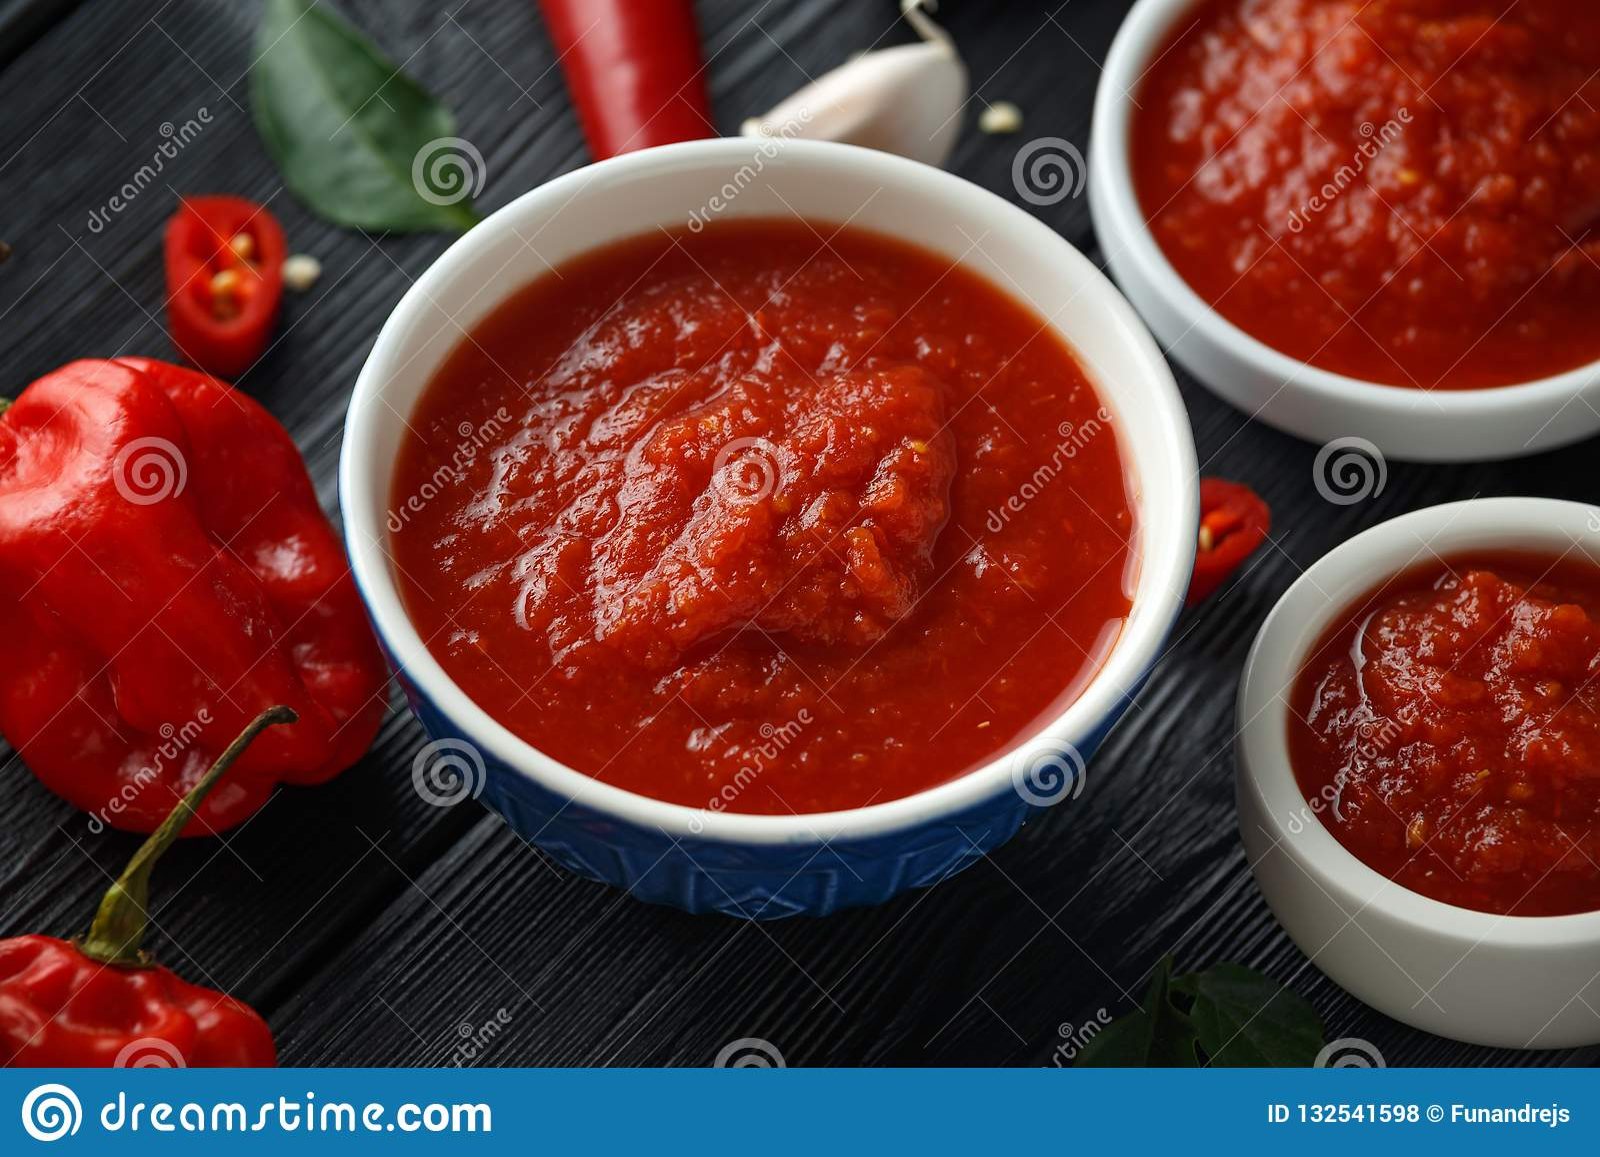 Molho de pimentão doce quente picante com mistura de pimenta, de alho e de tomates no fundo de madeira rústico